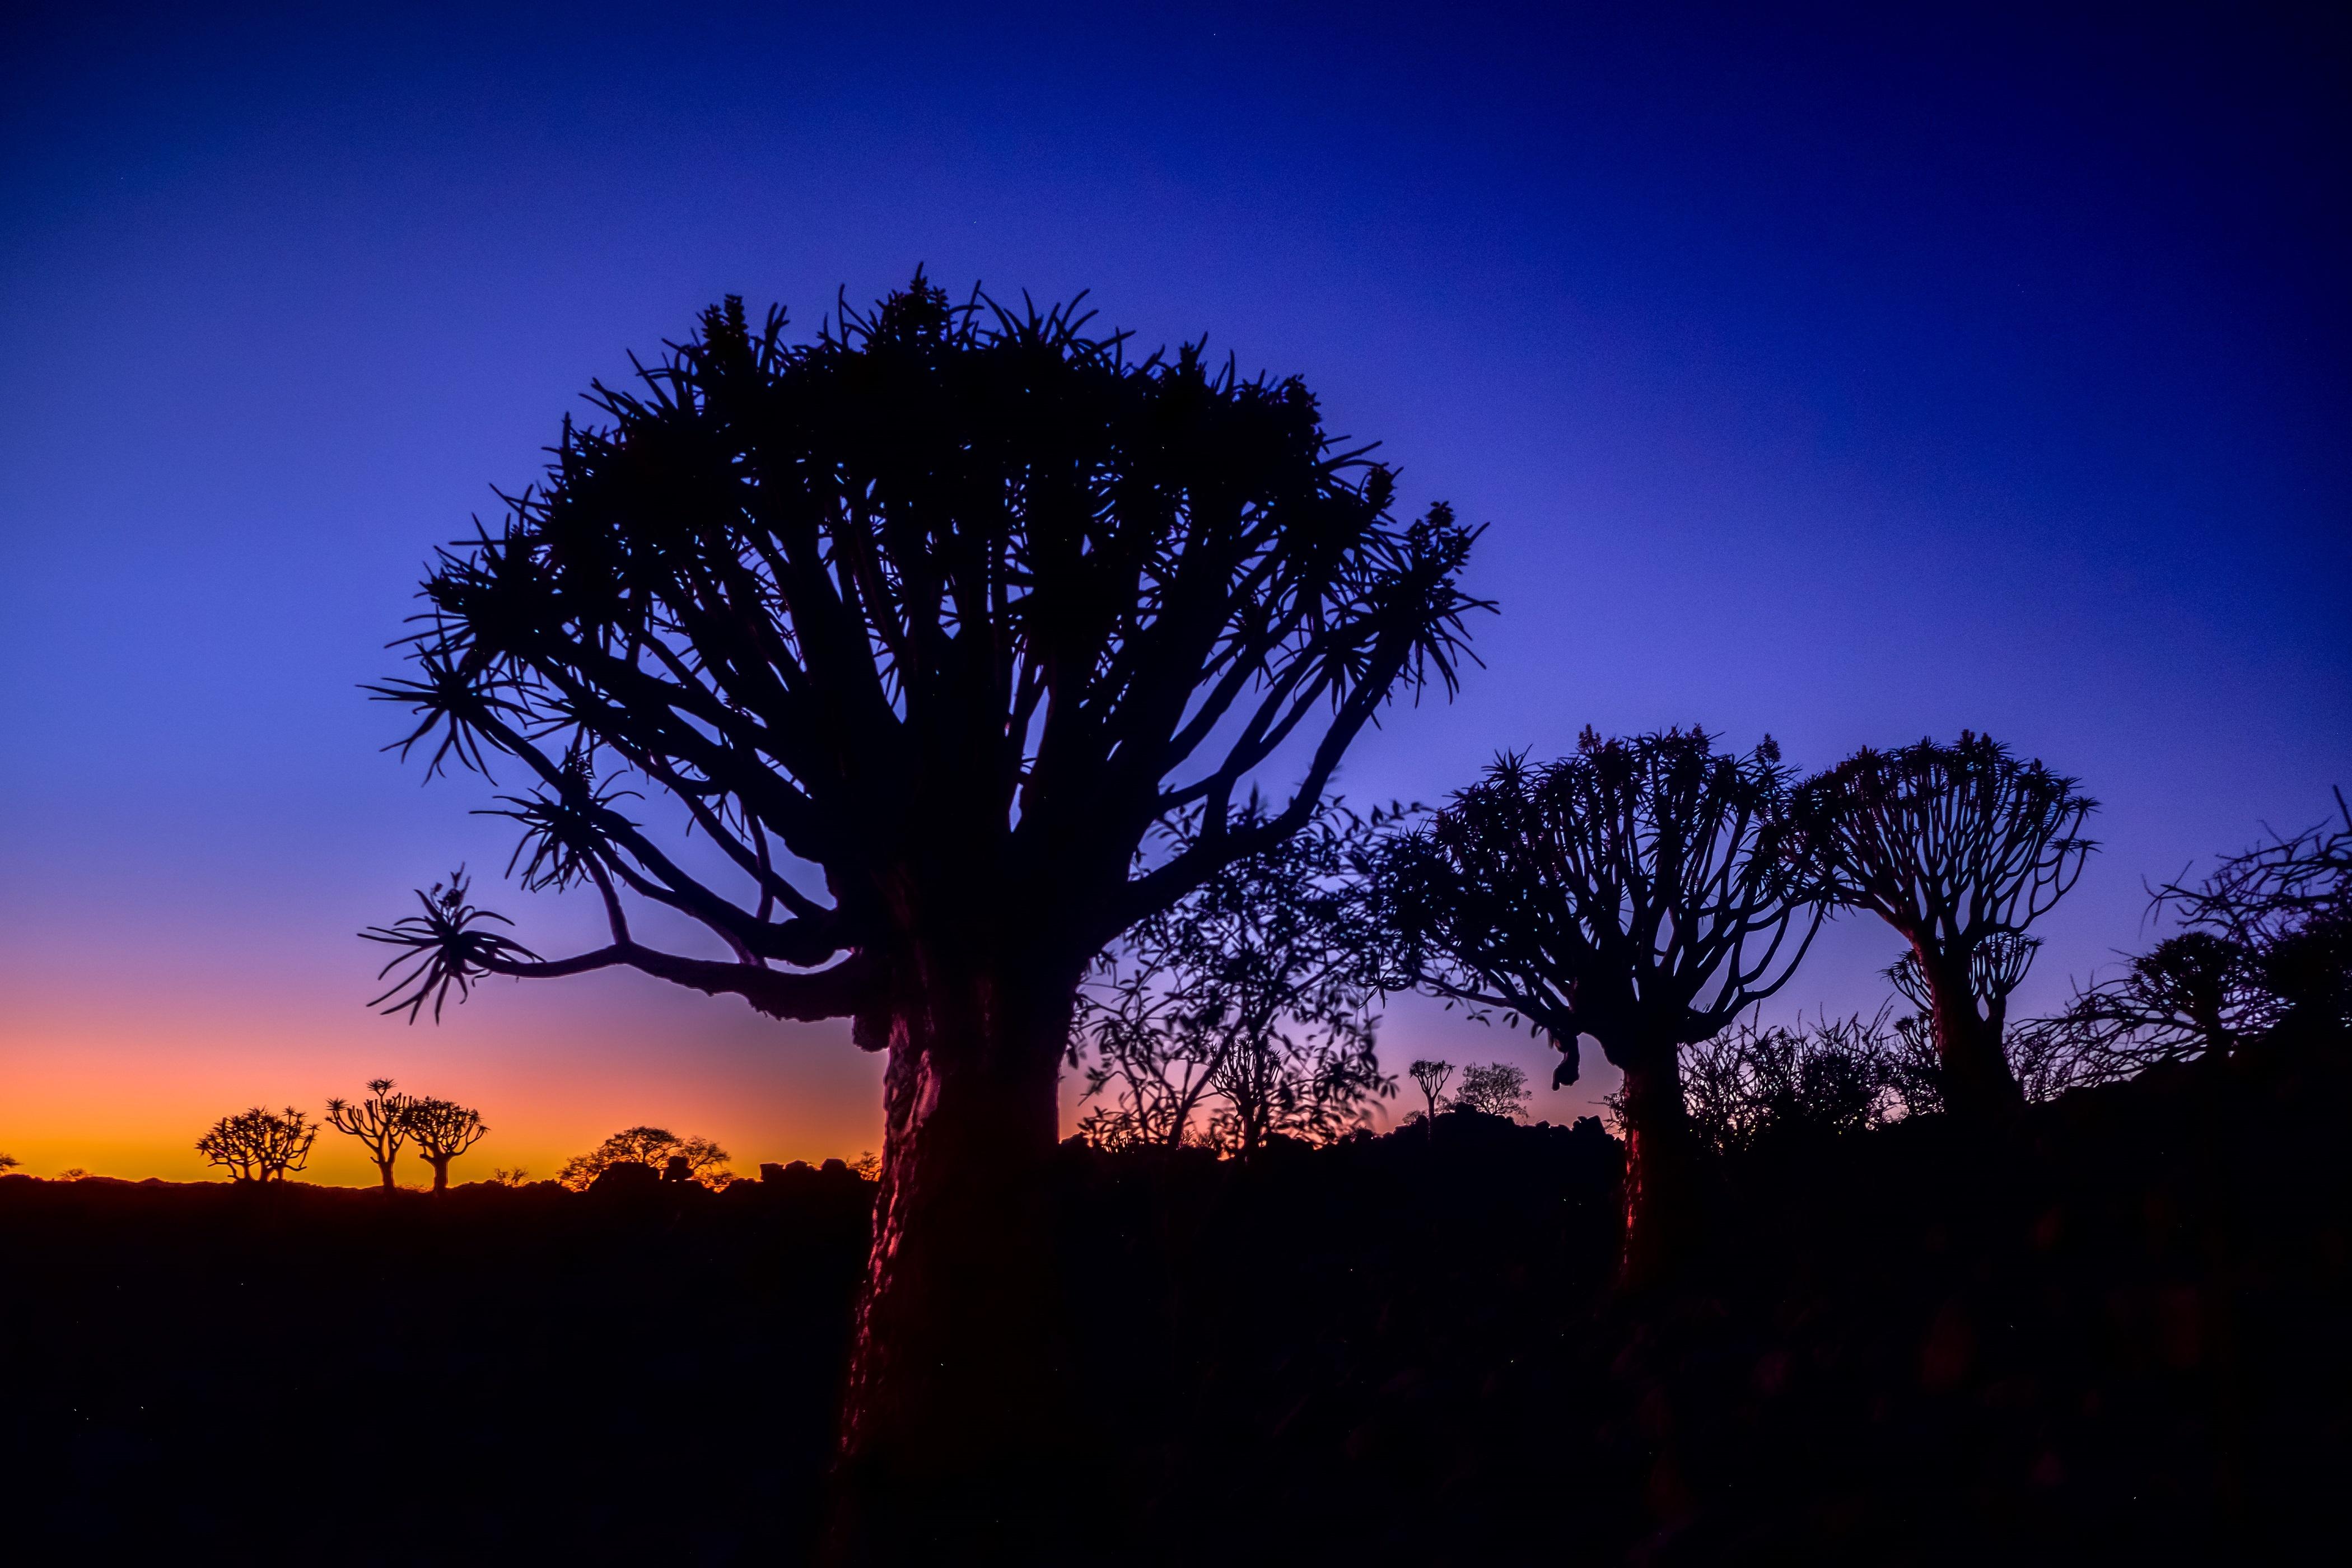 Namibia - den tham thung lung chet, thanh pho ma va dieu khong tuong hinh anh 27